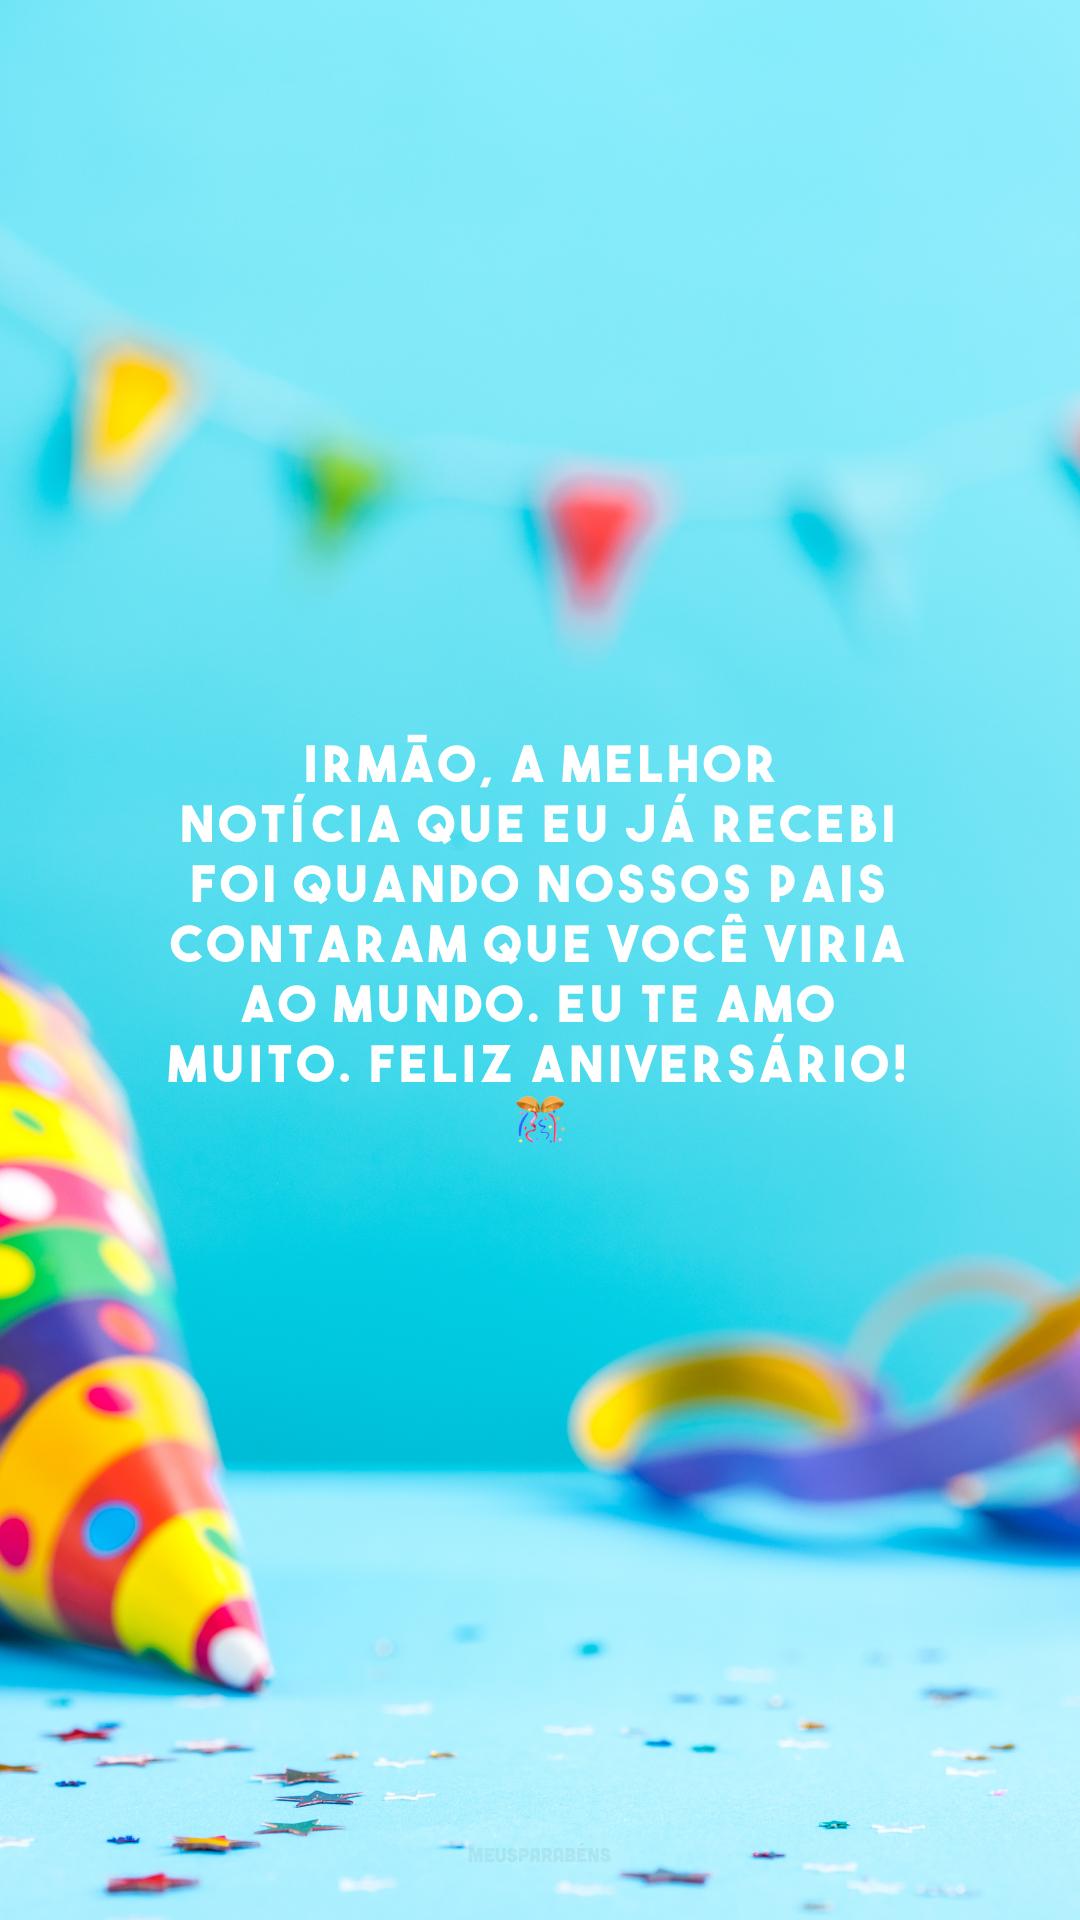 Irmão, a melhor notícia que eu já recebi foi quando nossos pais contaram que você viria ao mundo. Eu te amo muito. Feliz aniversário! 🎊